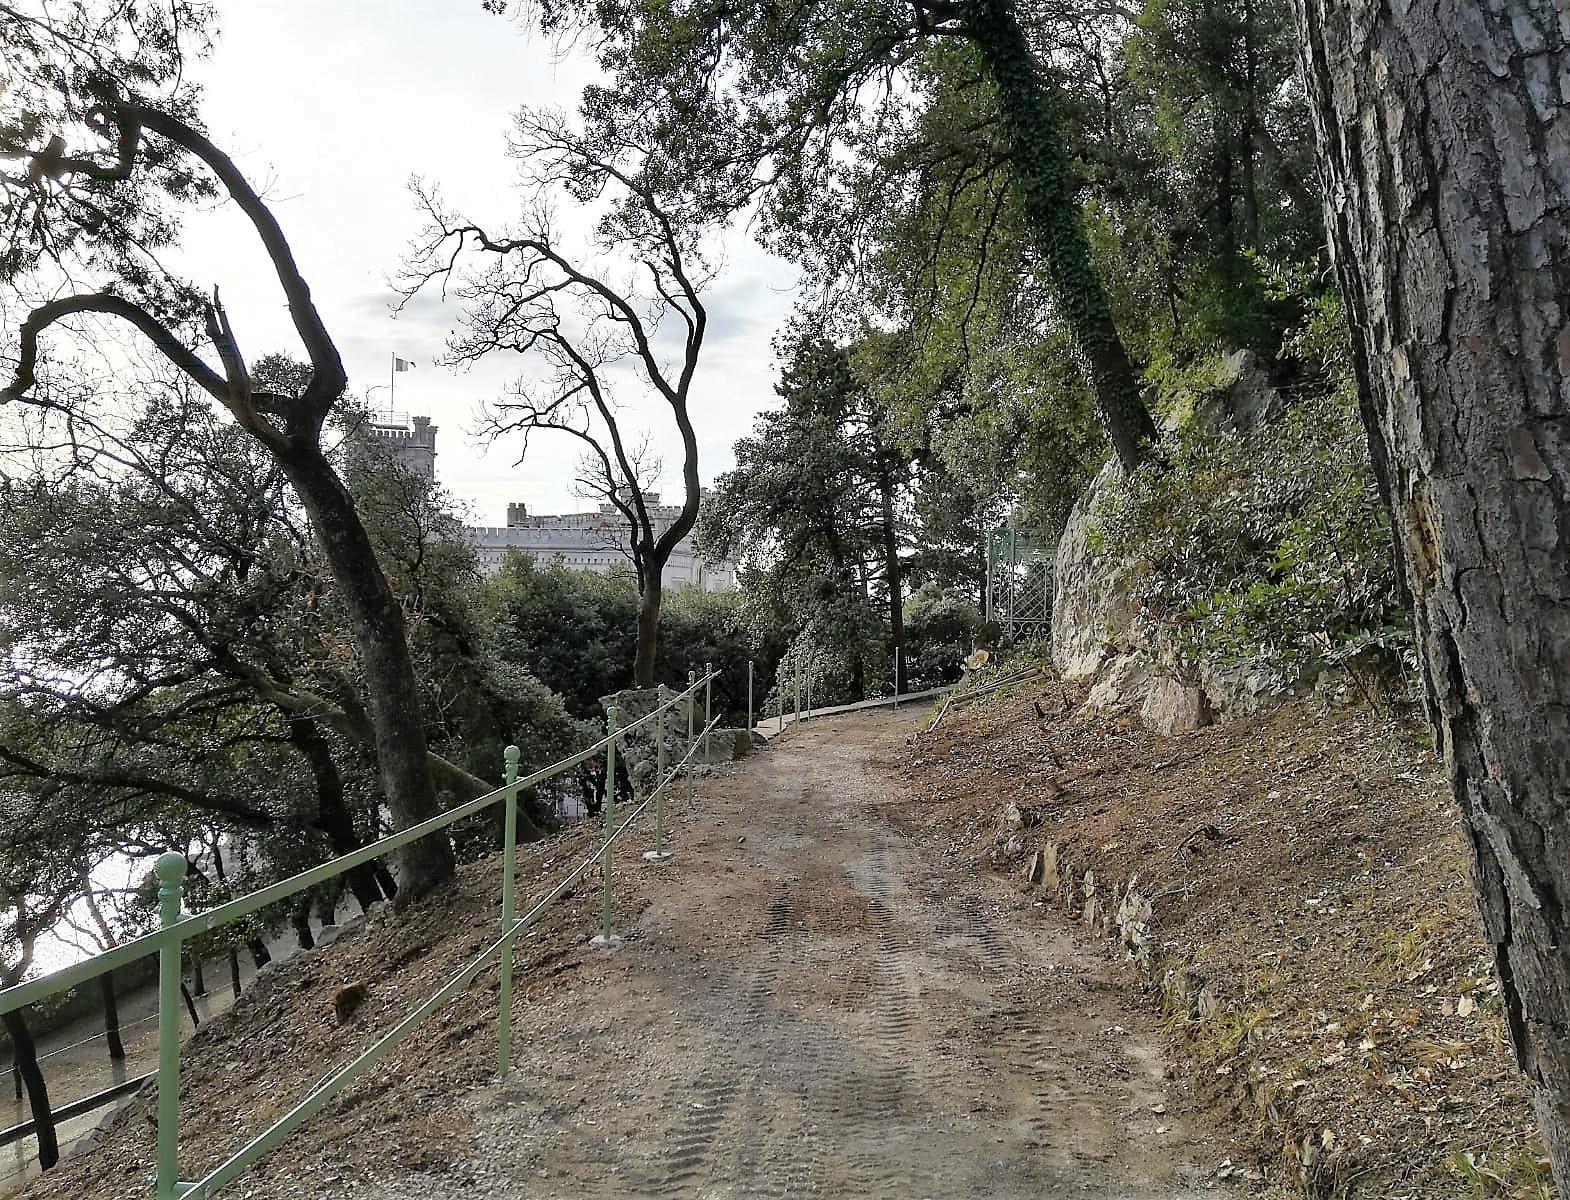 Riapre il sentiero sopra il VIALE DEI LECCI nel Parco di Miramare